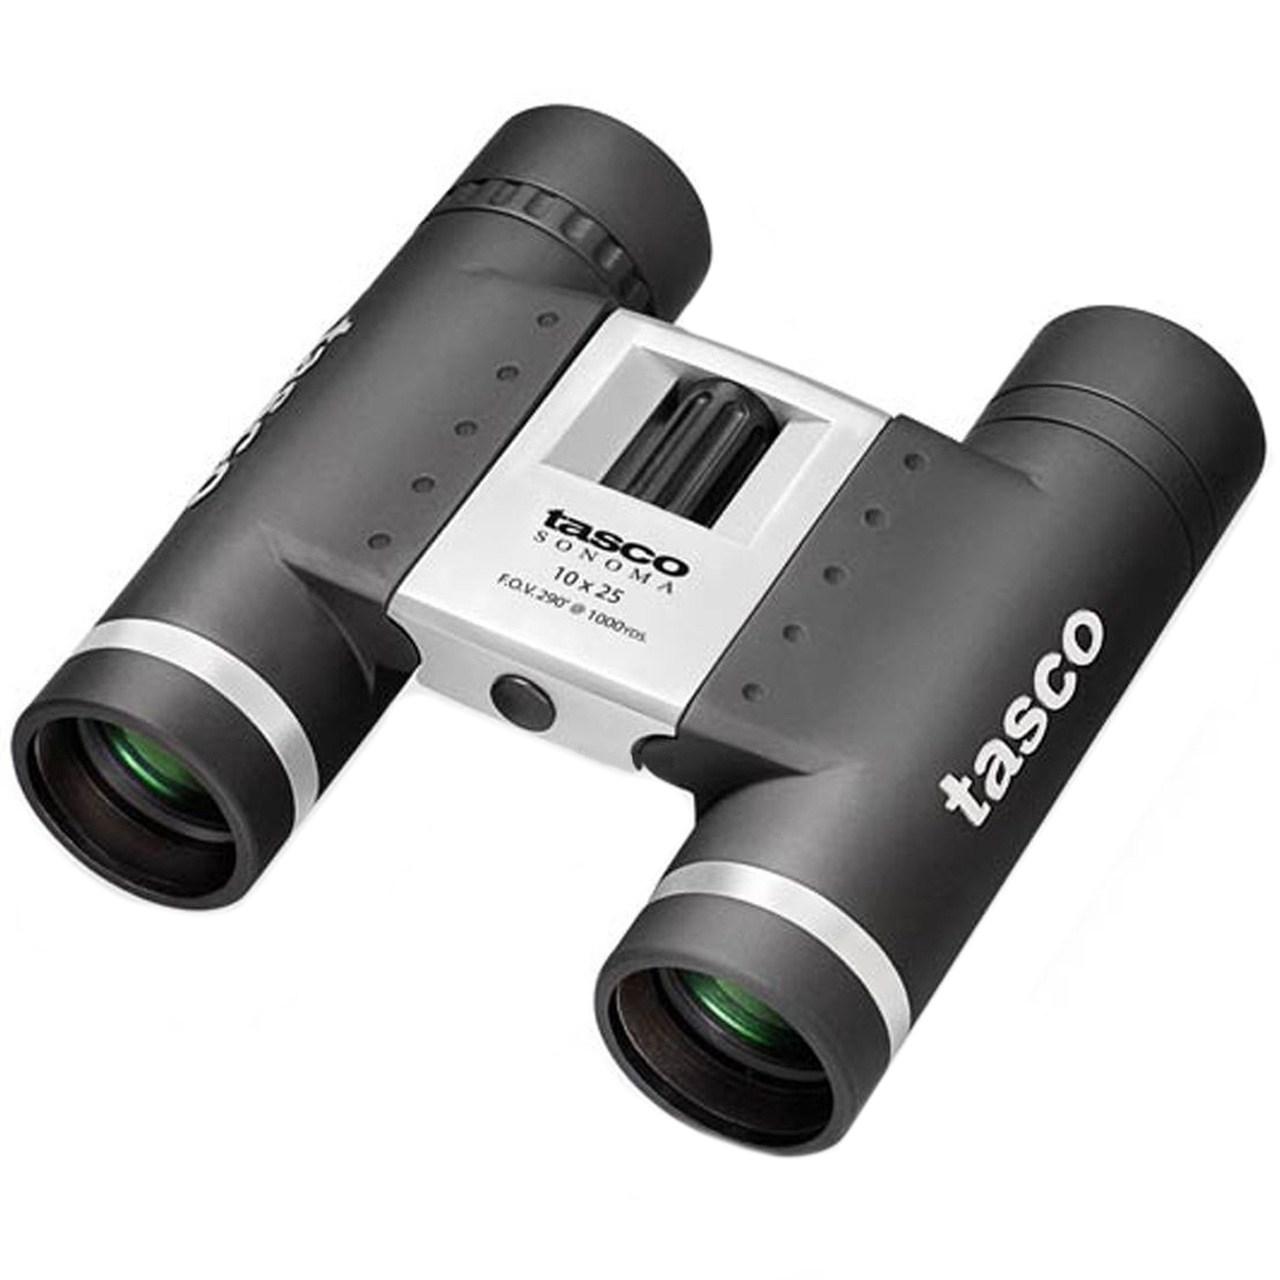 دوربین دوچشمی تاسکو مدل Sonoma 10x25